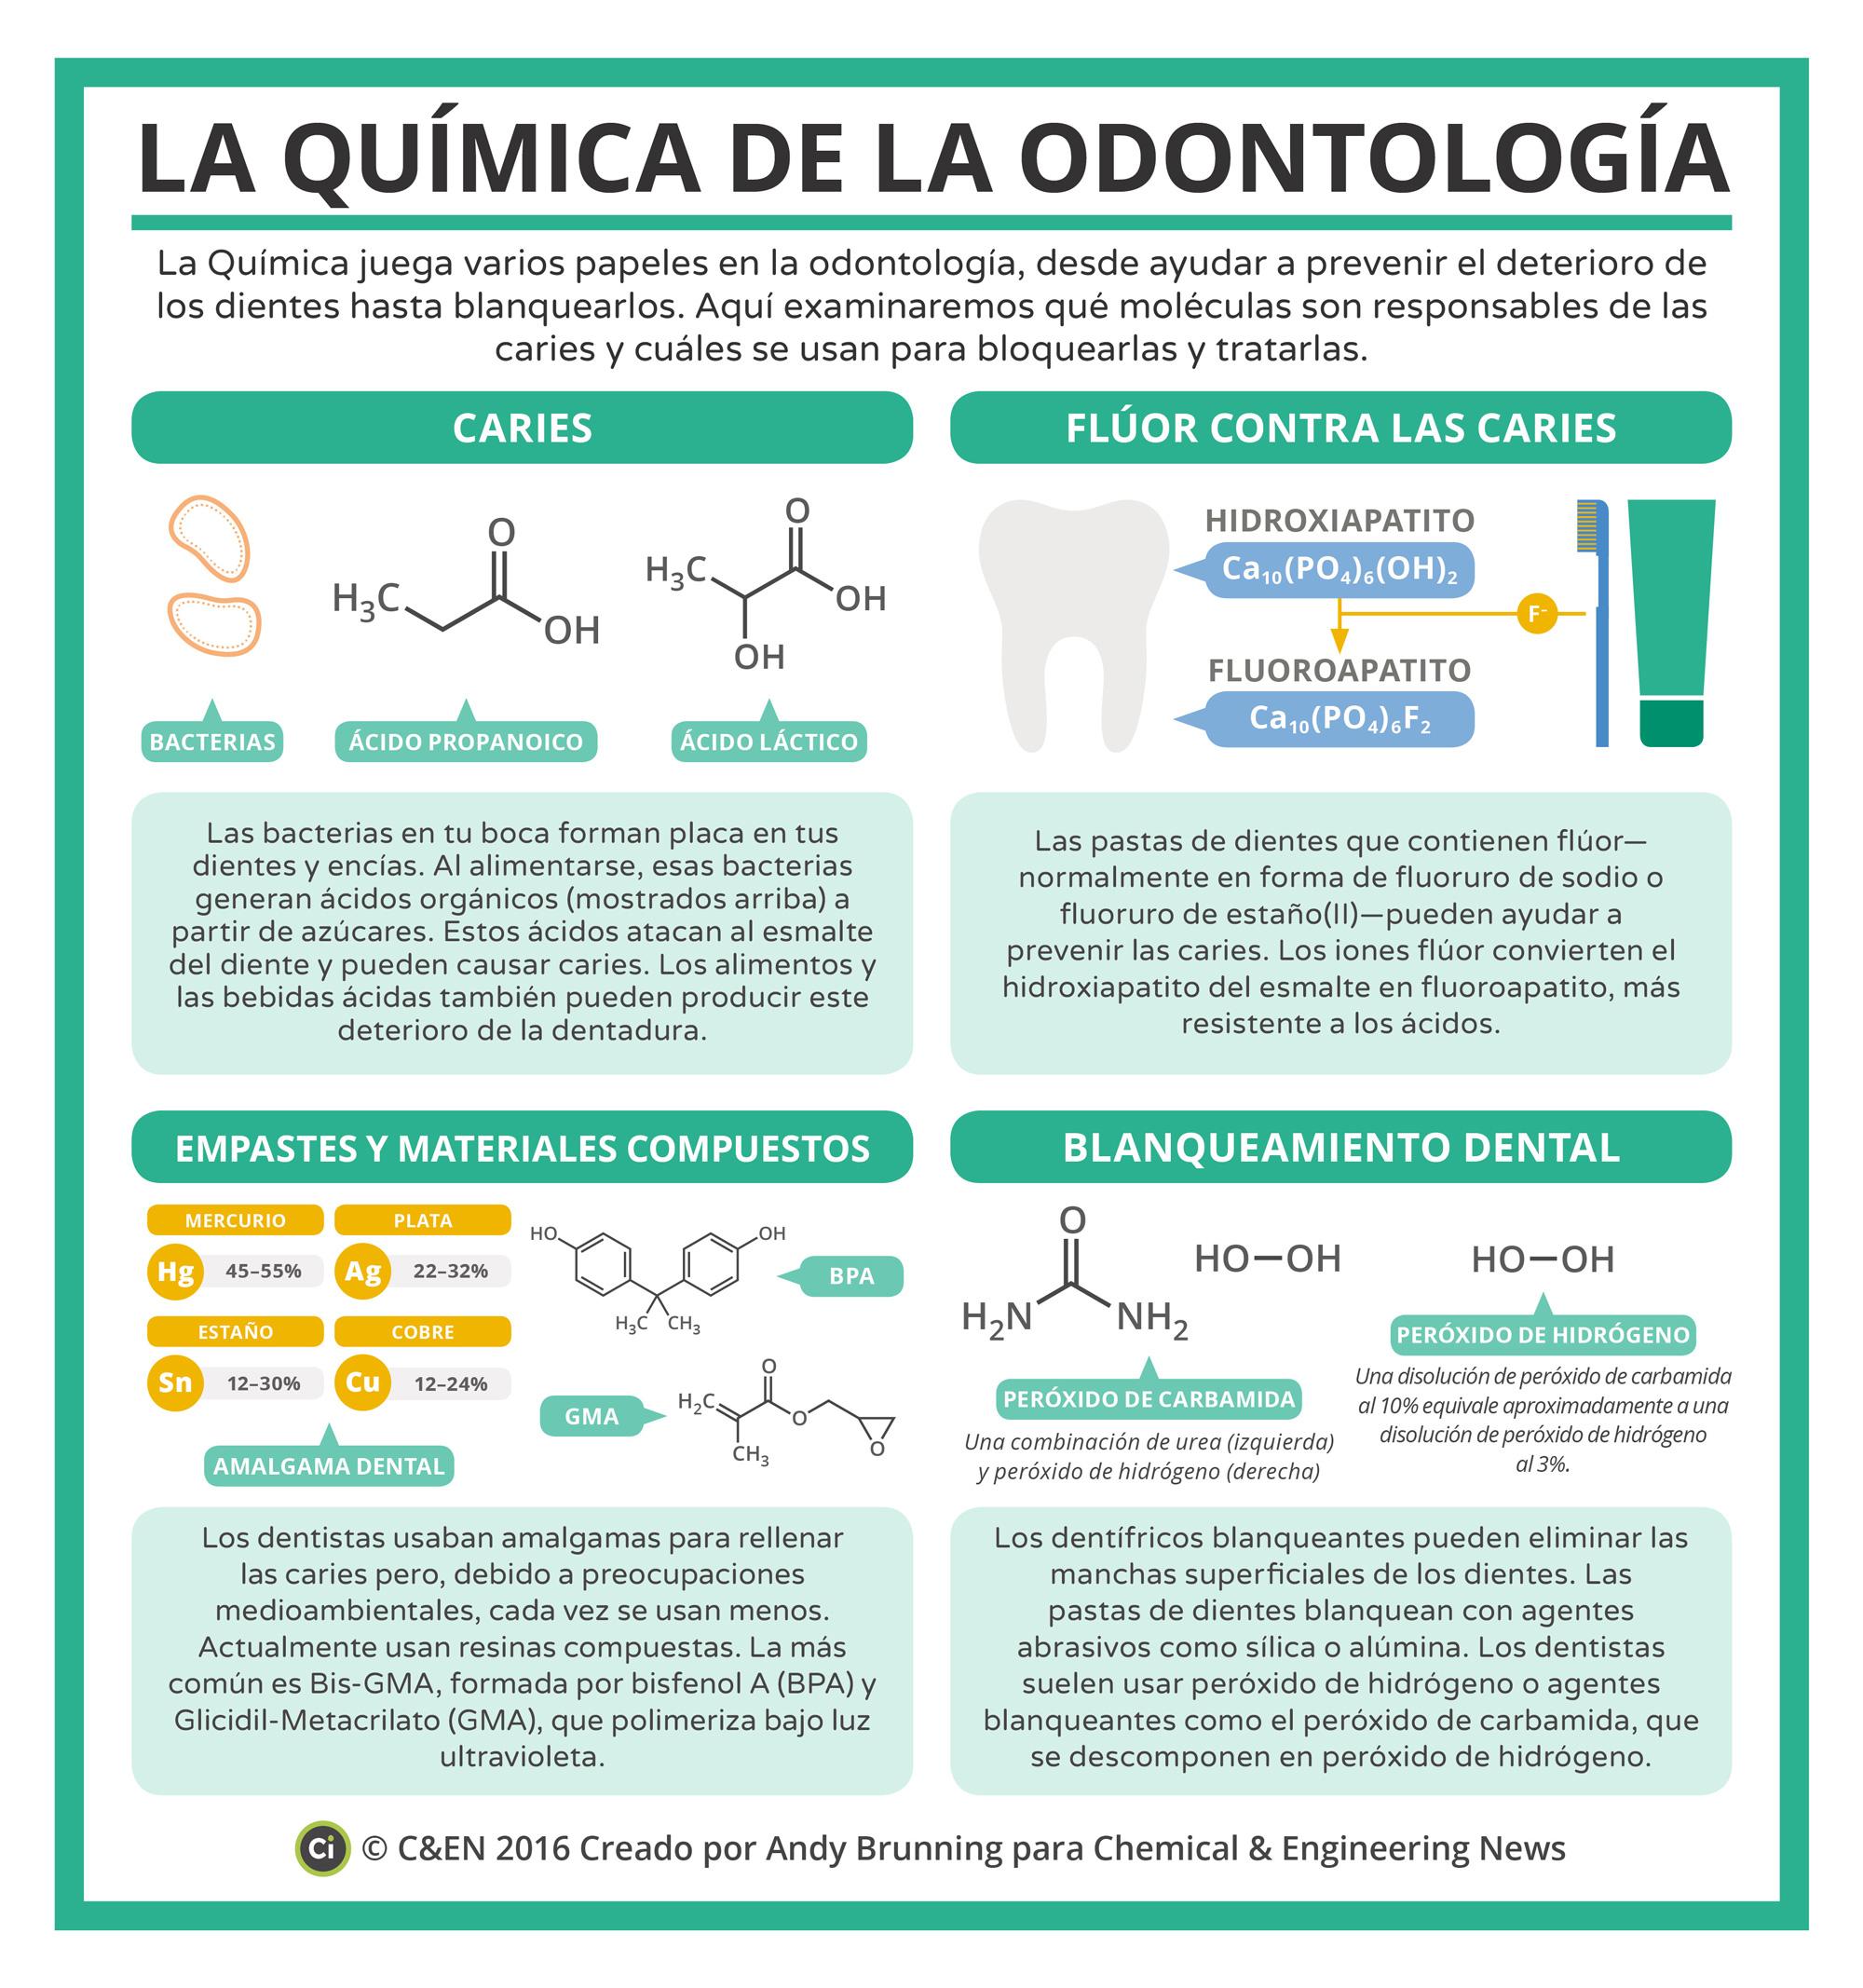 La química de la odontología